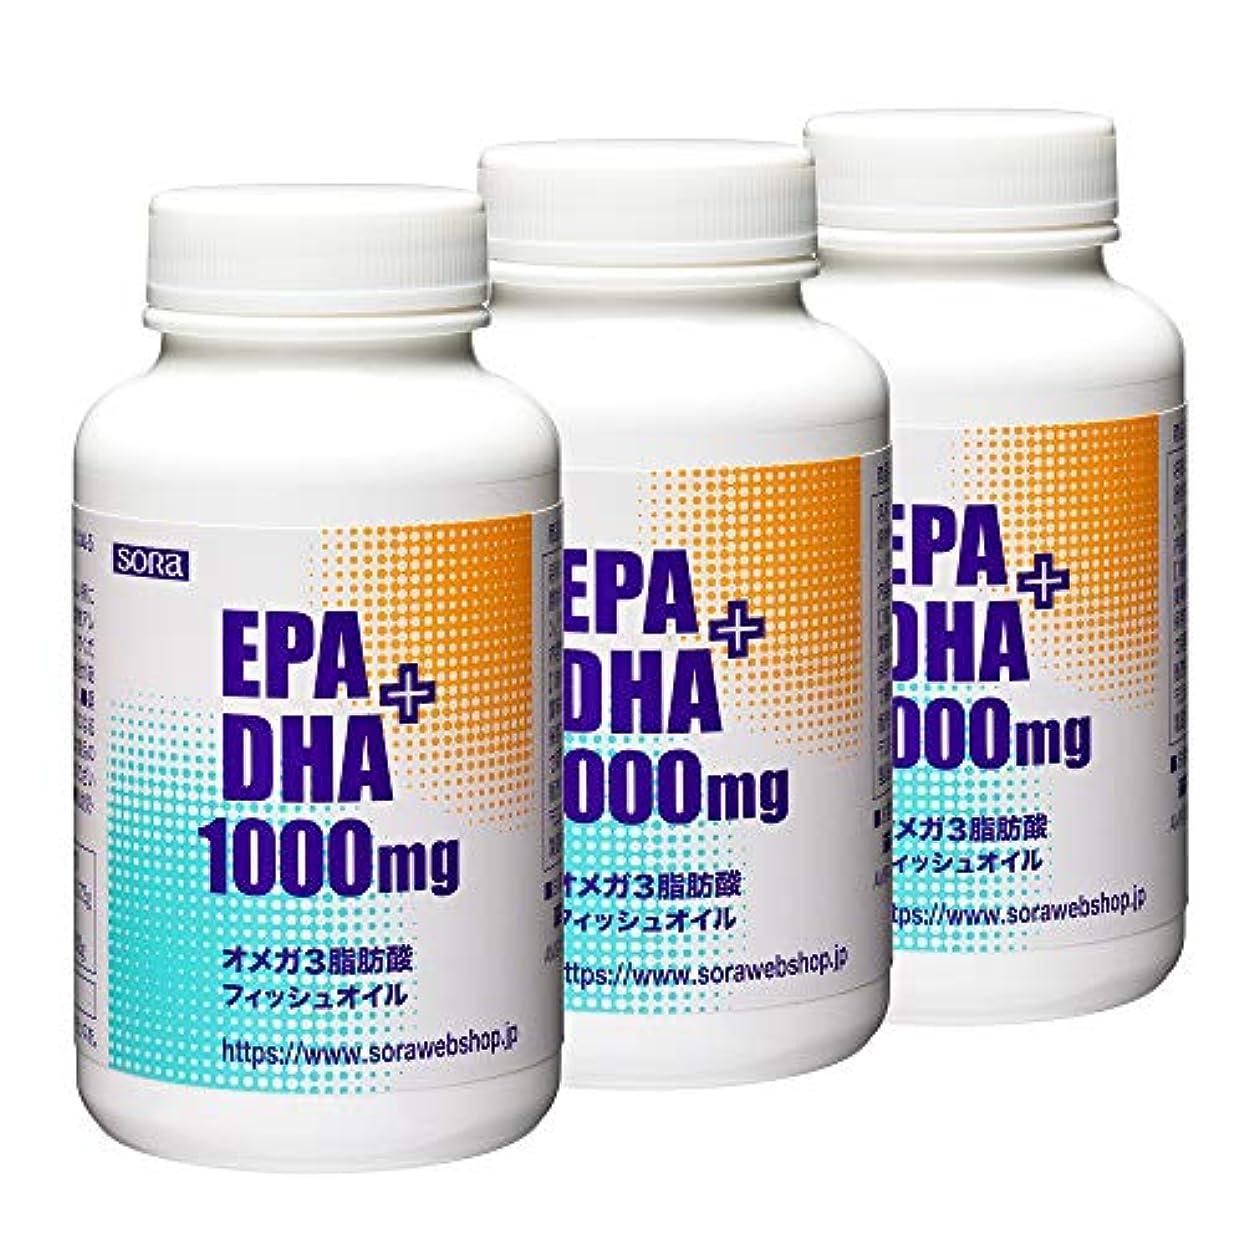 一部適格湿地【まとめ買い】そら EPA+DHA 1000mg (魚のオイル オメガ3) 【180粒入 × 3本セット】[5% OFF]